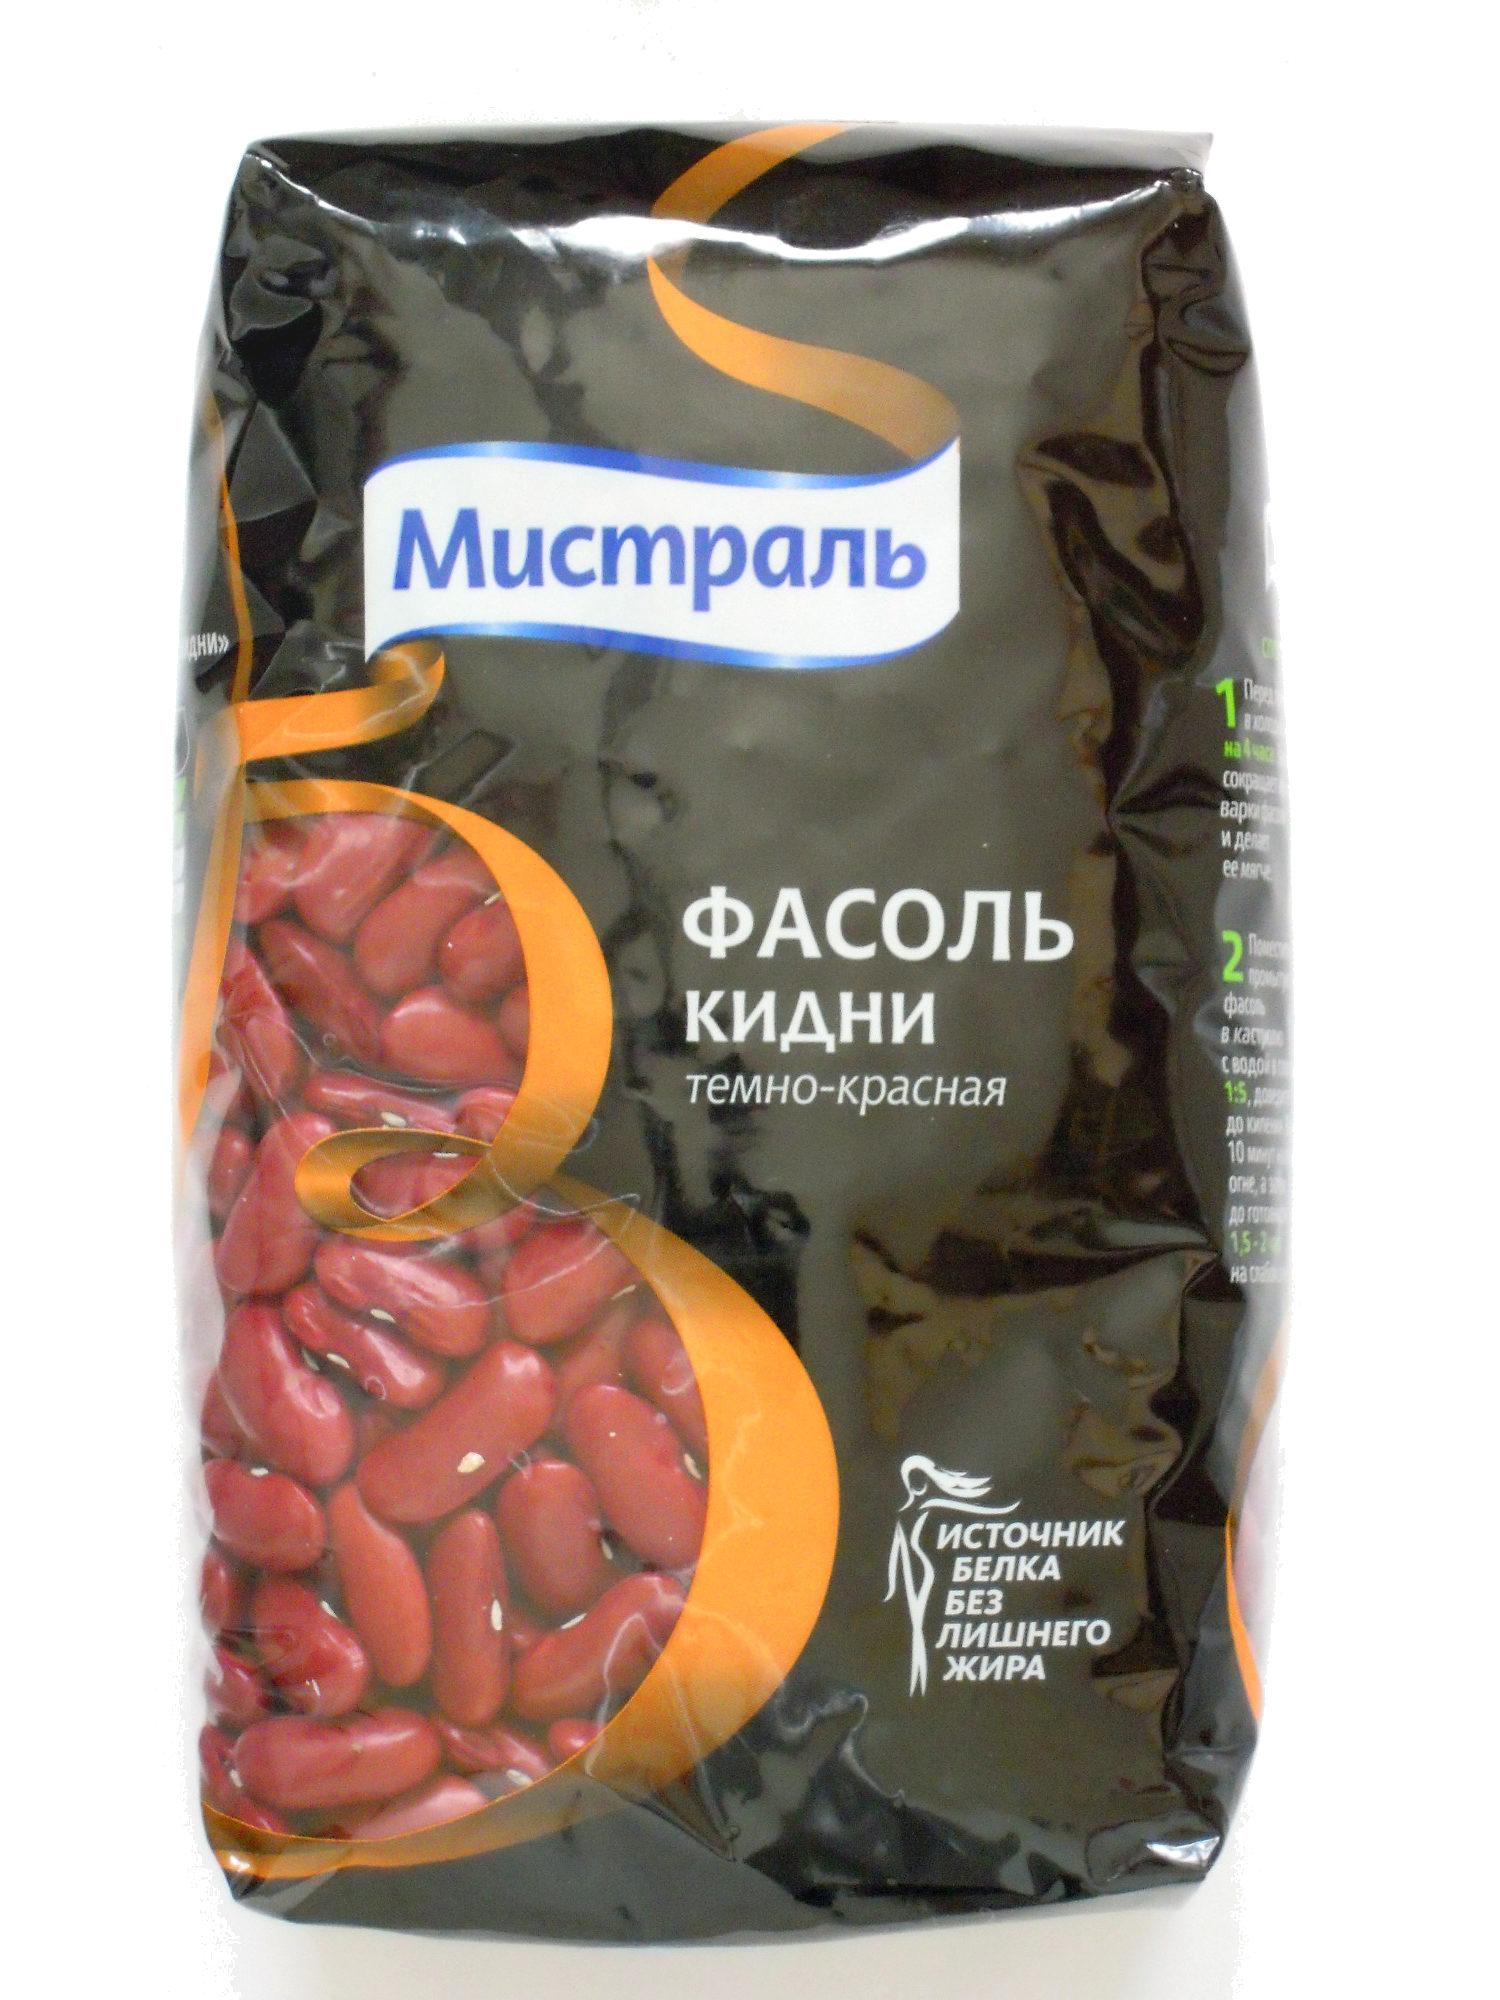 Фасоль Кидни темно-красная - Product - ru